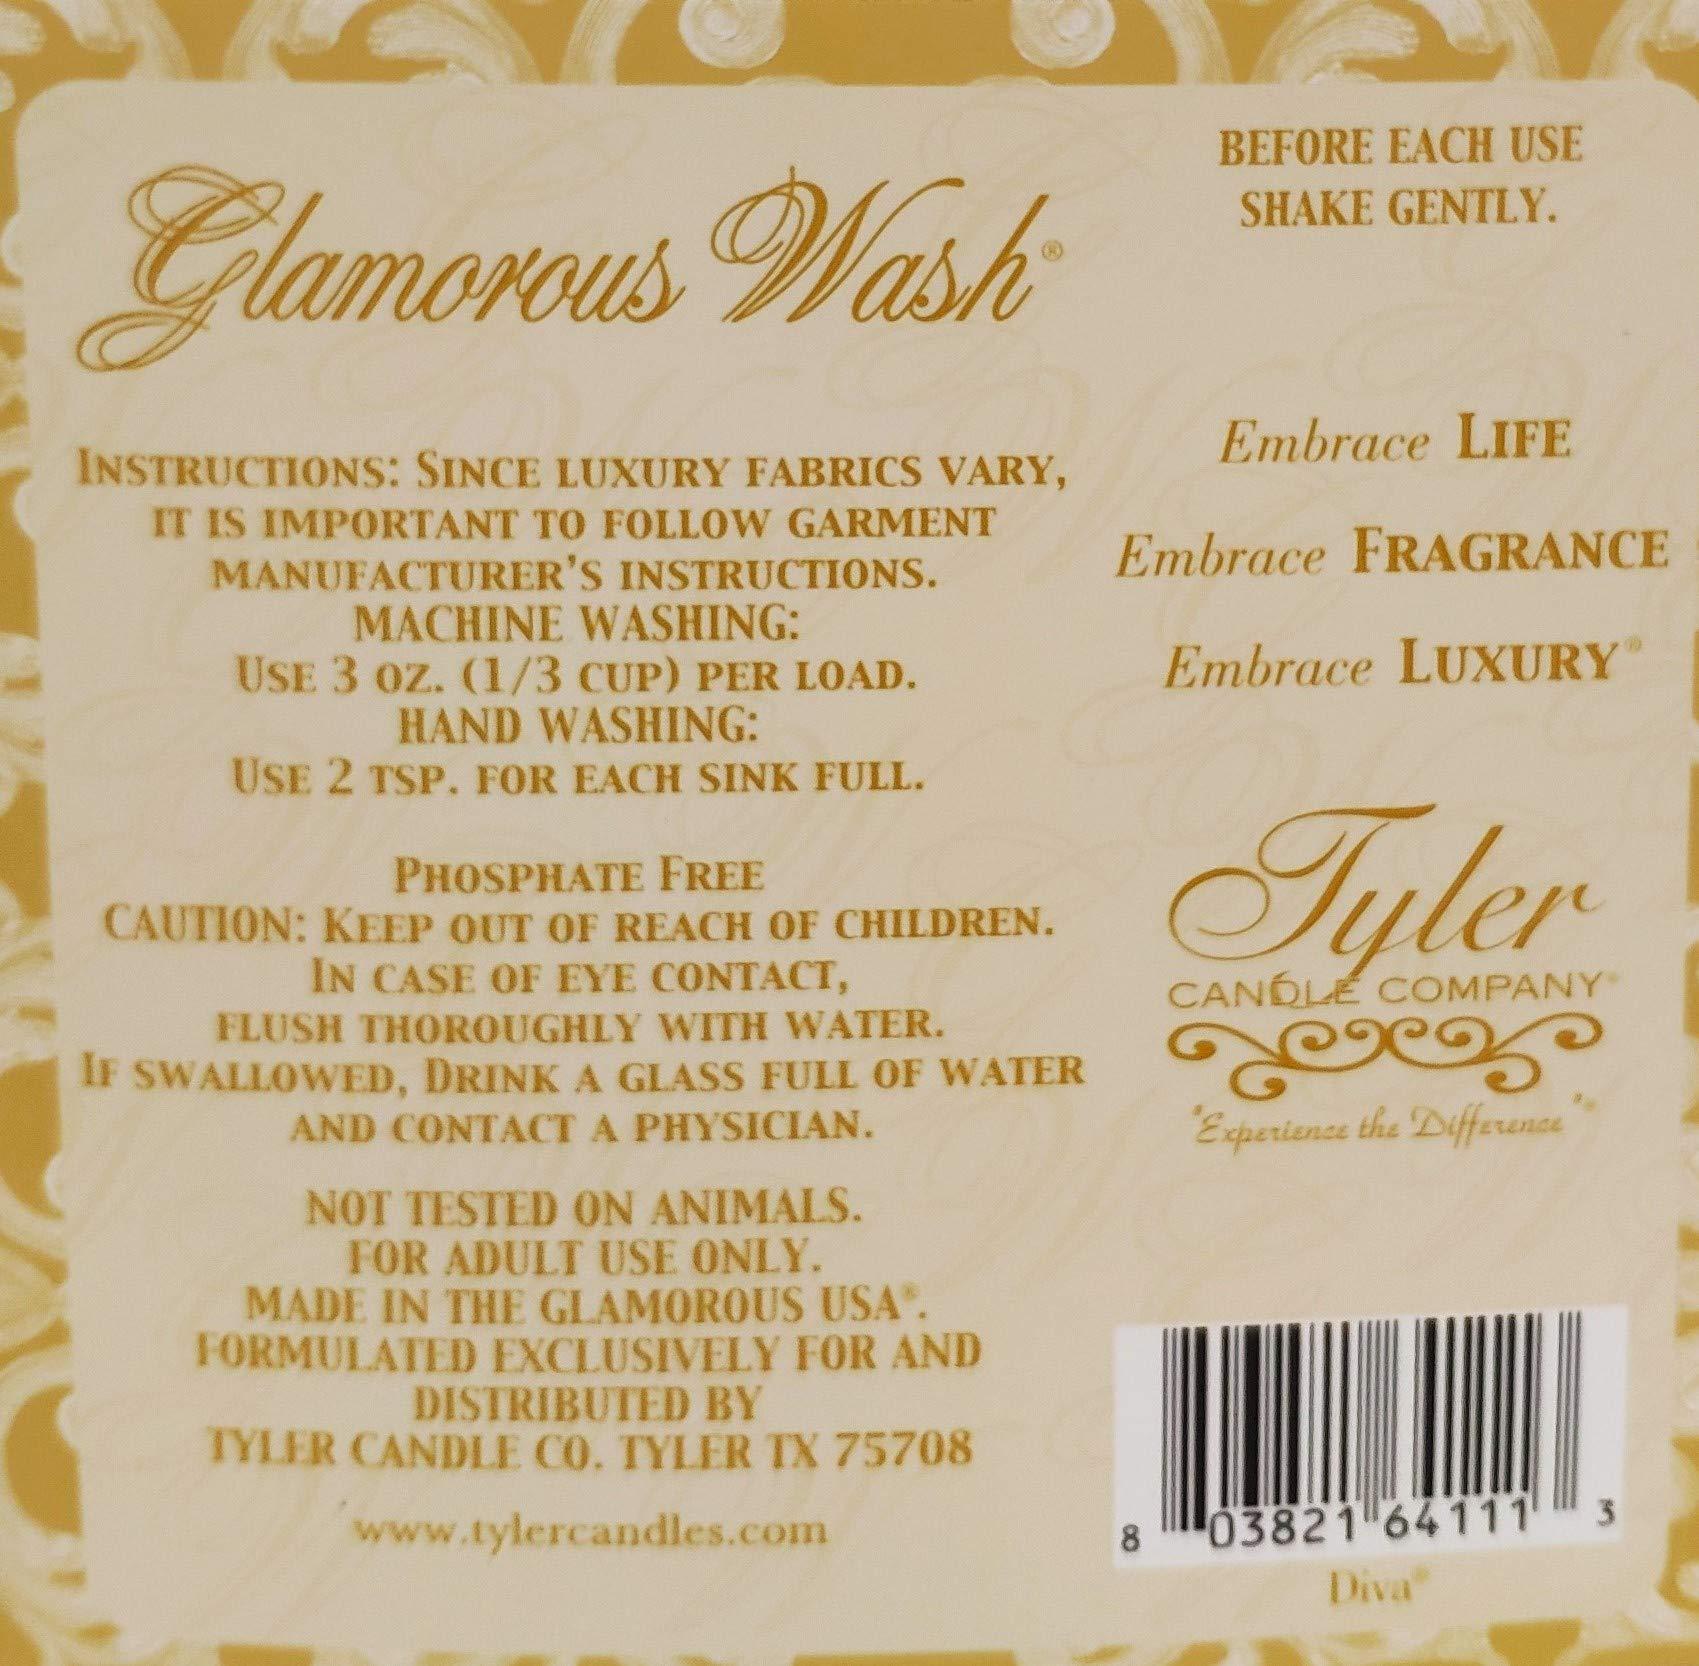 Tyler Candle Glamorous Wash Half Gallon (64 OZ) Laundry Detergent/Bonus Glamorous Sachet Single Pouch and Autoglam (Diva) by Glamorous Wash